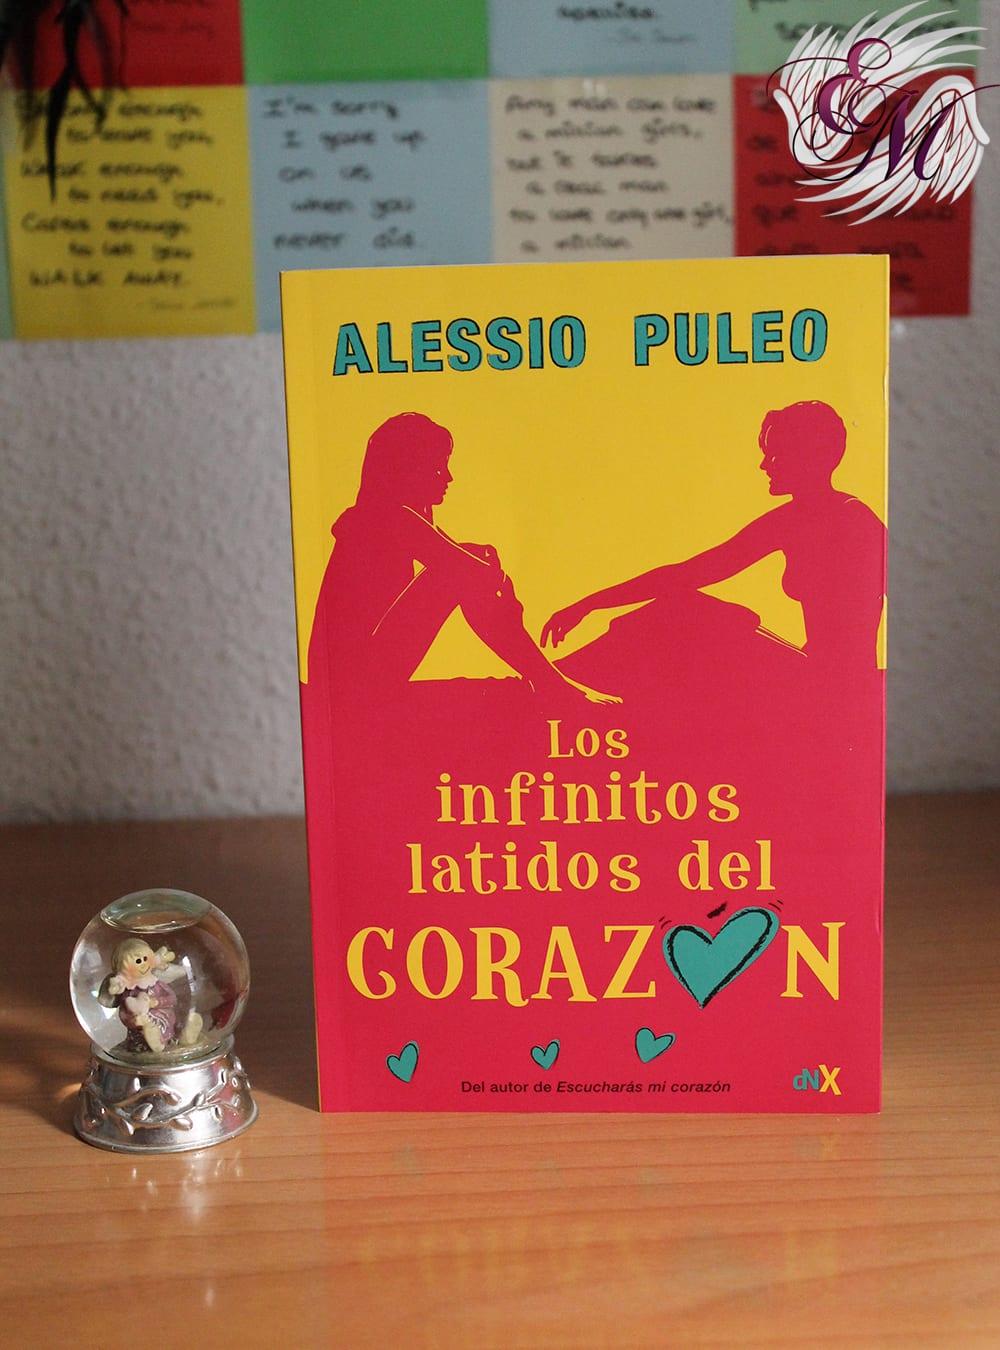 Los infinitos latidos del corazón, de Alessio Puleo - Reseña